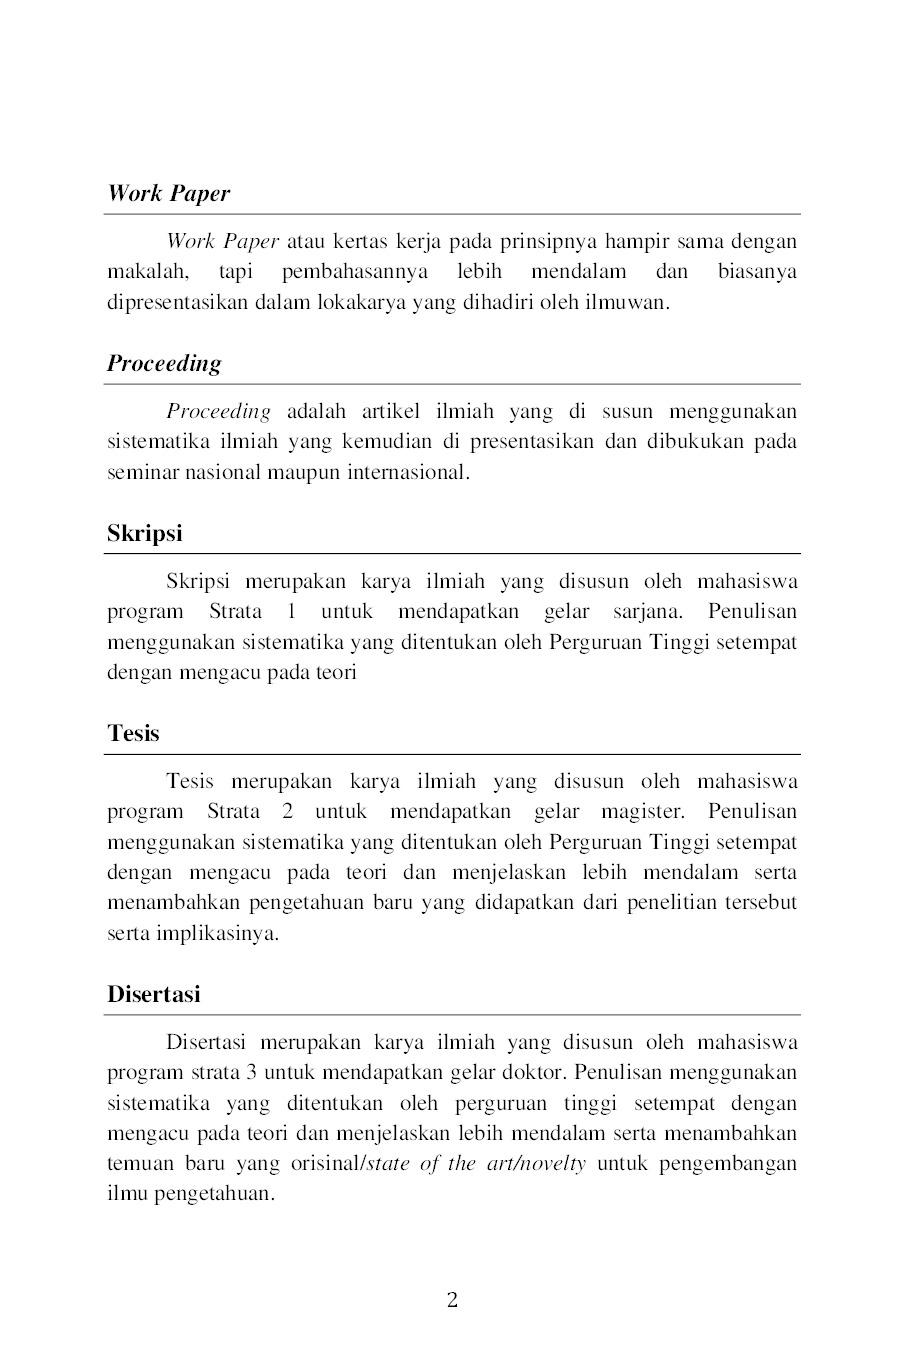 Jual Buku Panduan Penulisan Naskah Karya Ilmiah Jurnal Nasional Dan Internasional Bereputasi Oleh Ni Putu Dyah Krismawintari I Gusti Bagus Rai Utama Gramedia Digital Indonesia